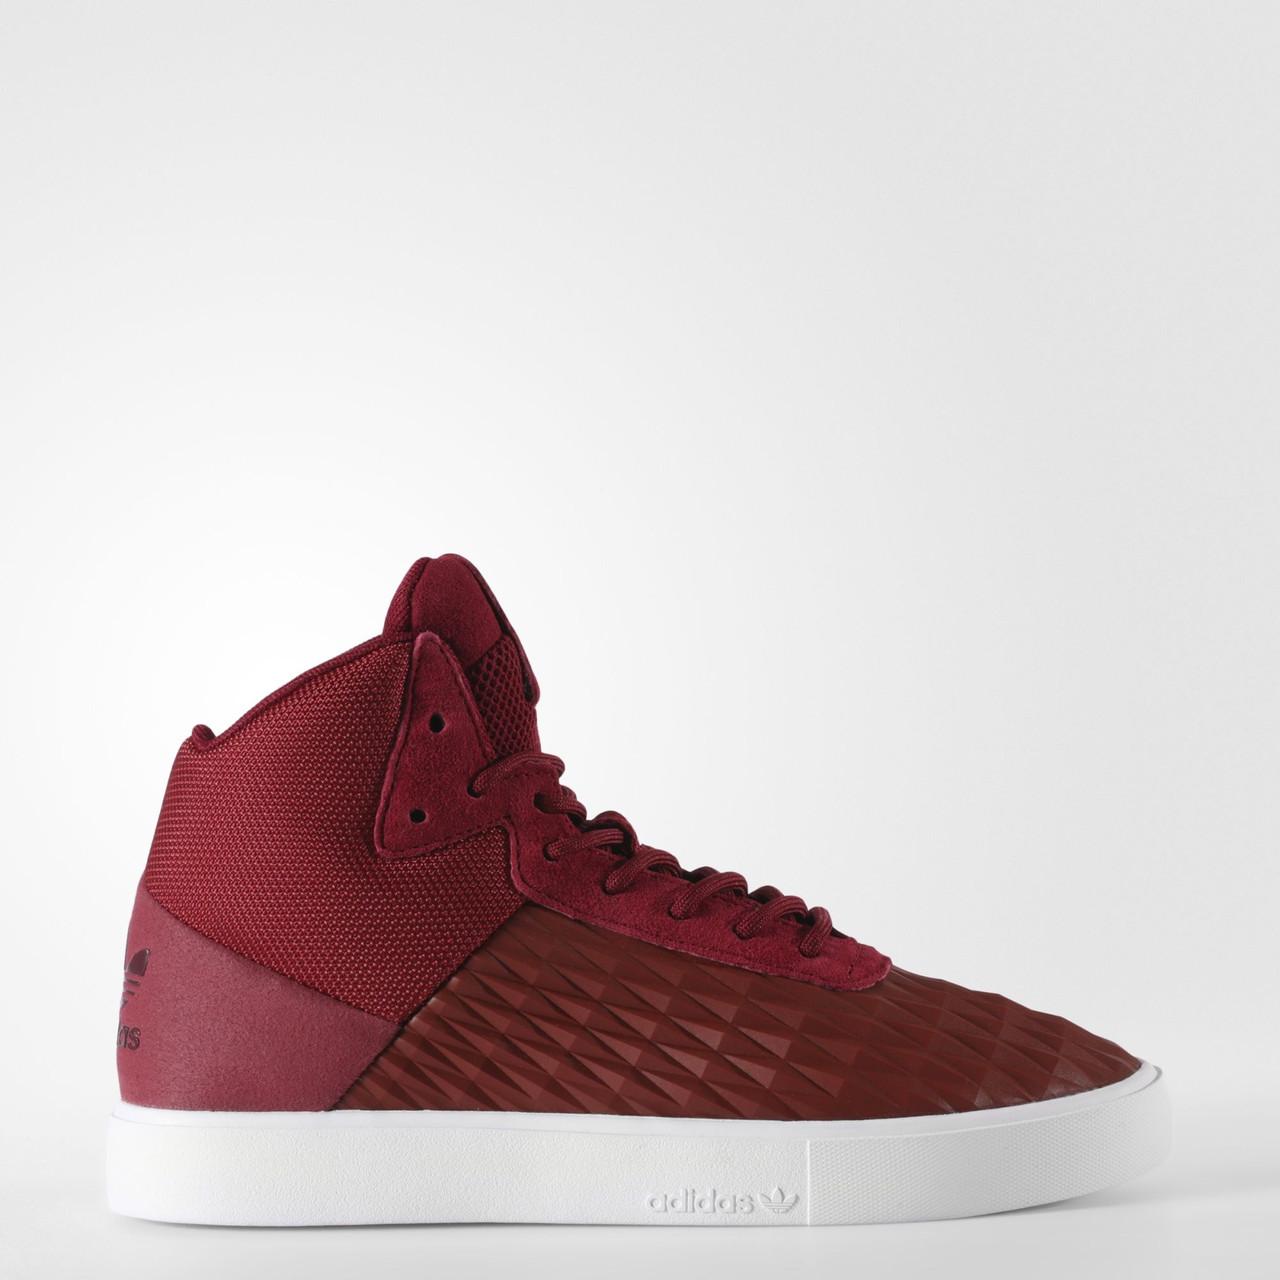 ef81b7ca Купить Детские кроссовки Adidas Originals Splendid (Артикул: BB8846 ...